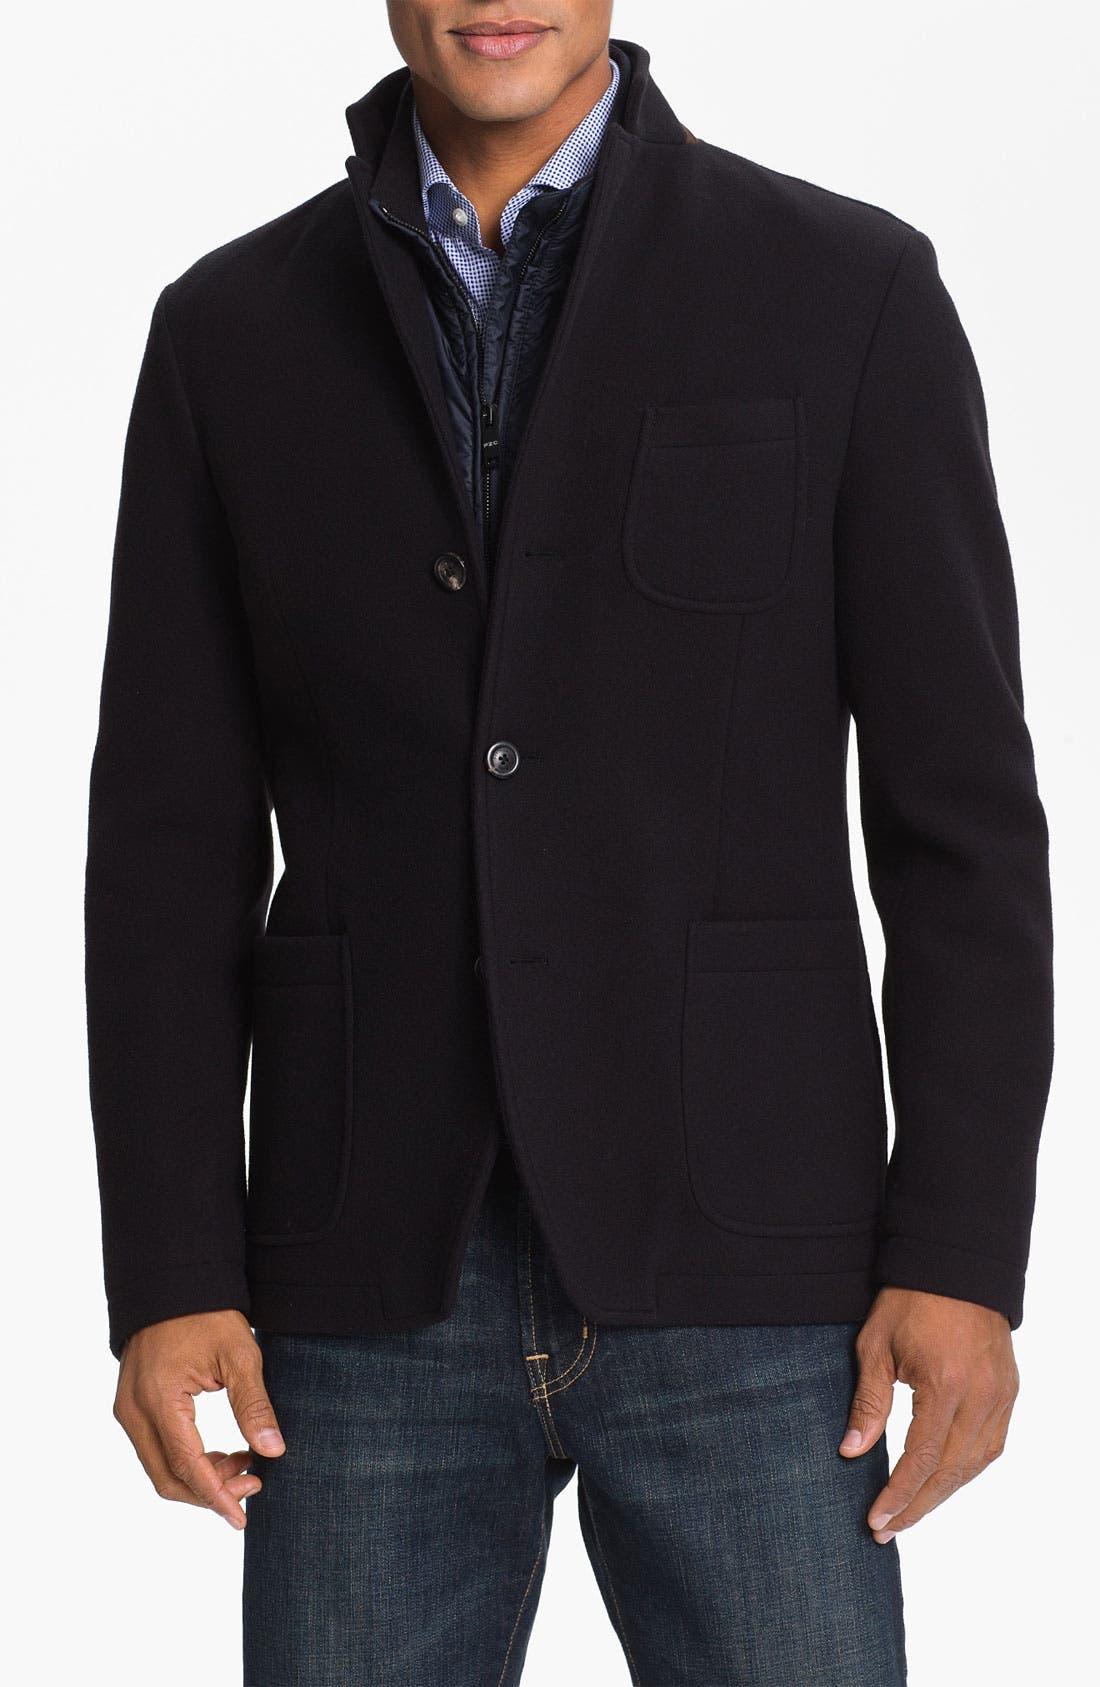 Alternate Image 1 Selected - Pal Zileri Wool Blend Jacket